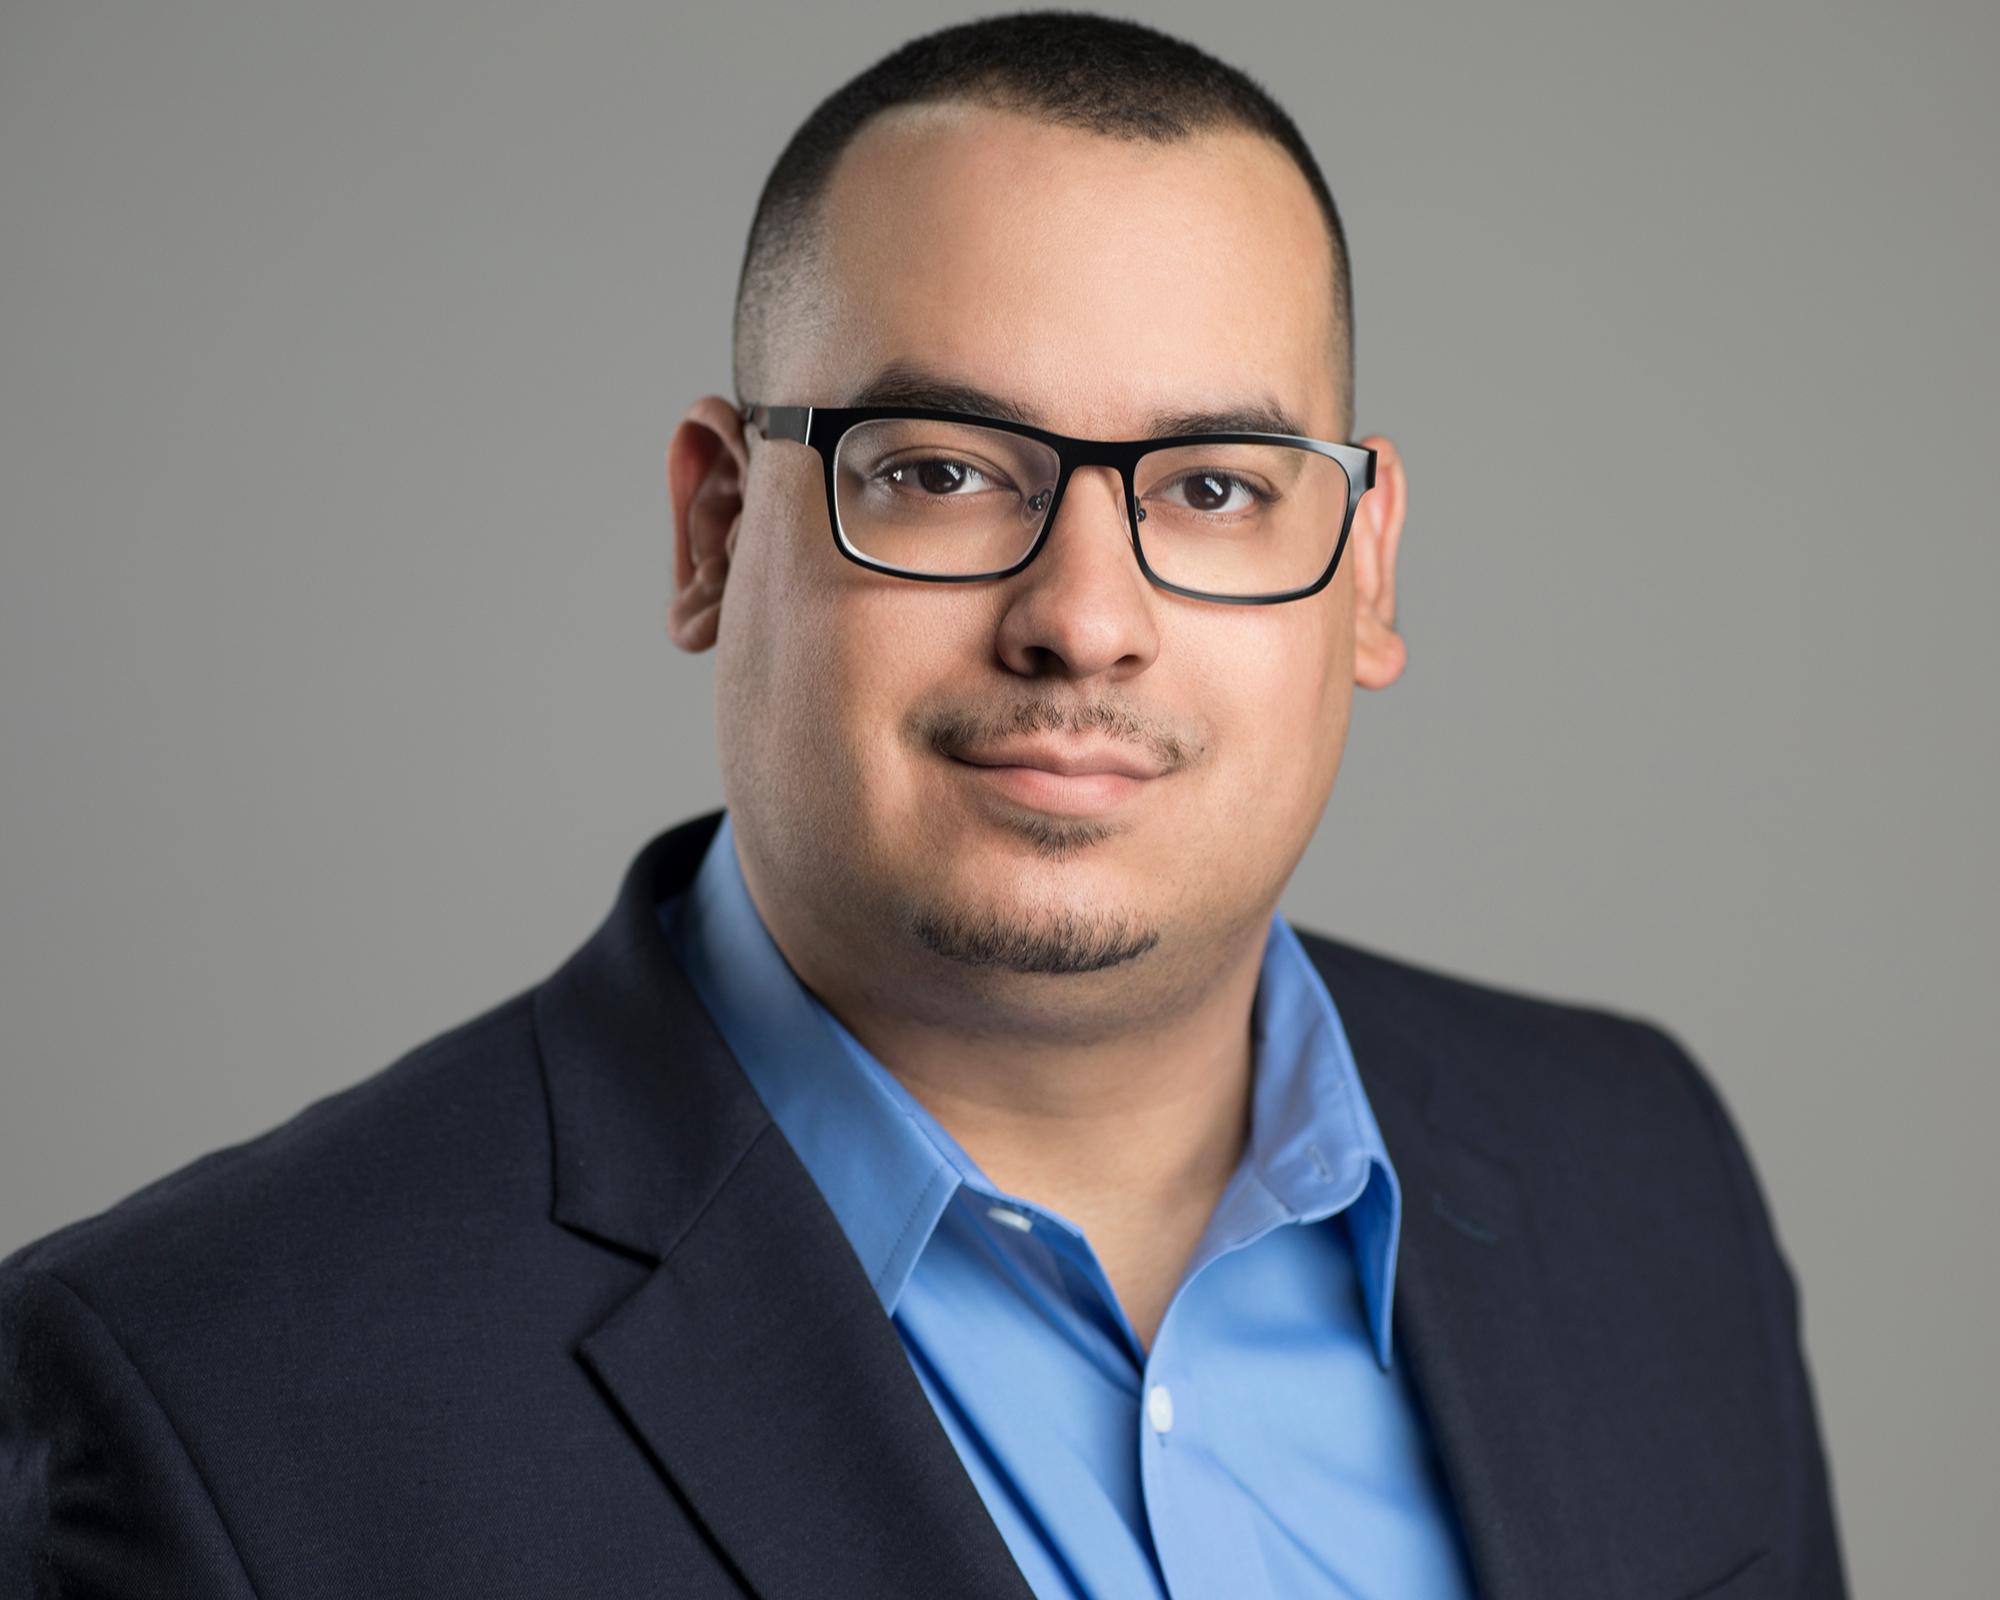 Paco Lebron, CEO of Prodigyteks, Inc.